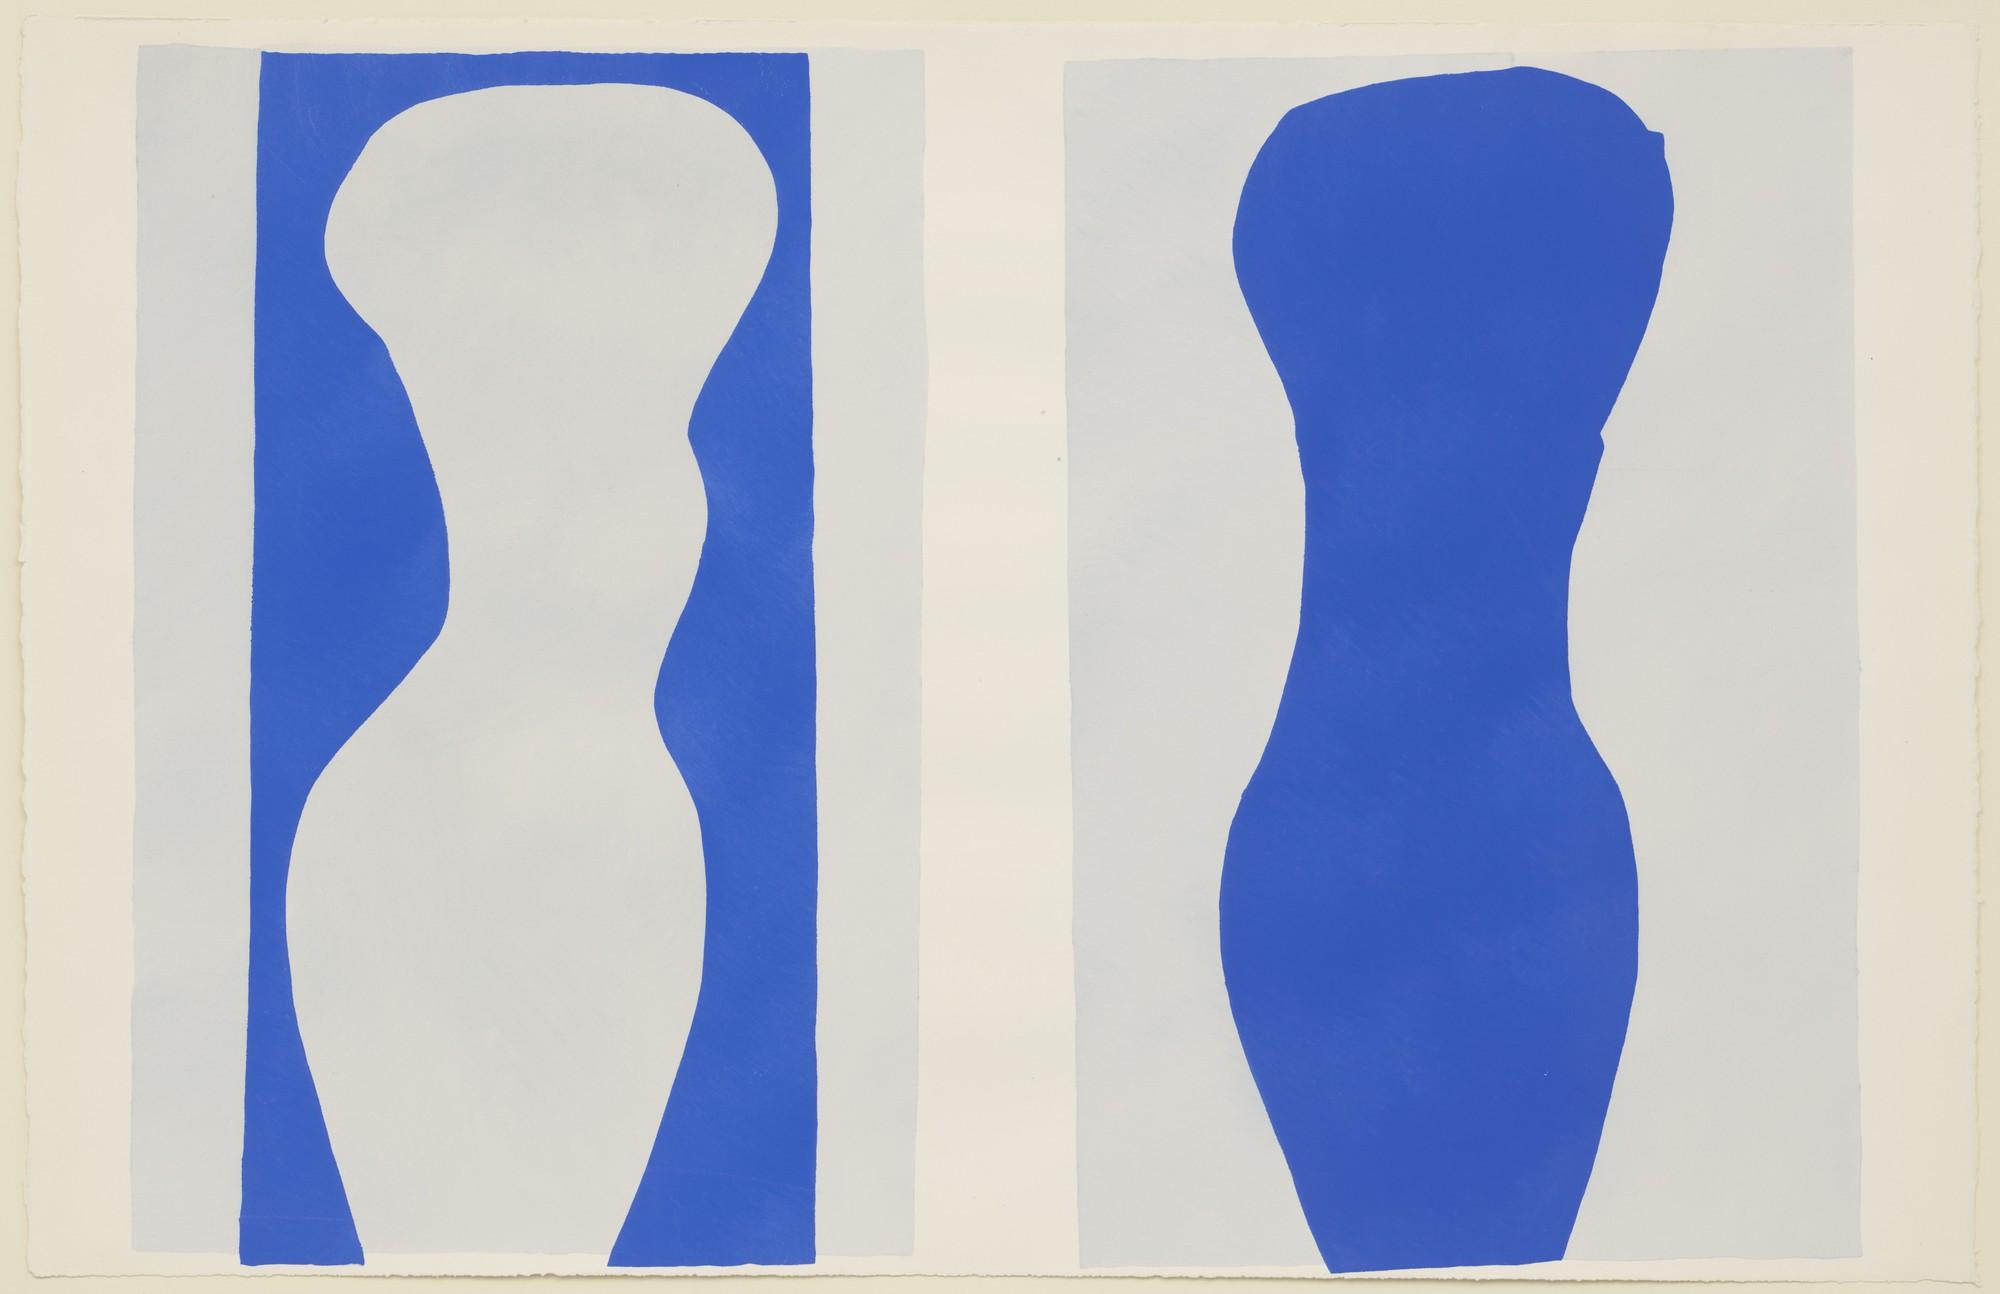 Dipingere con le forbici: Henri Matisse e l'esperienza editoriale di Jazz